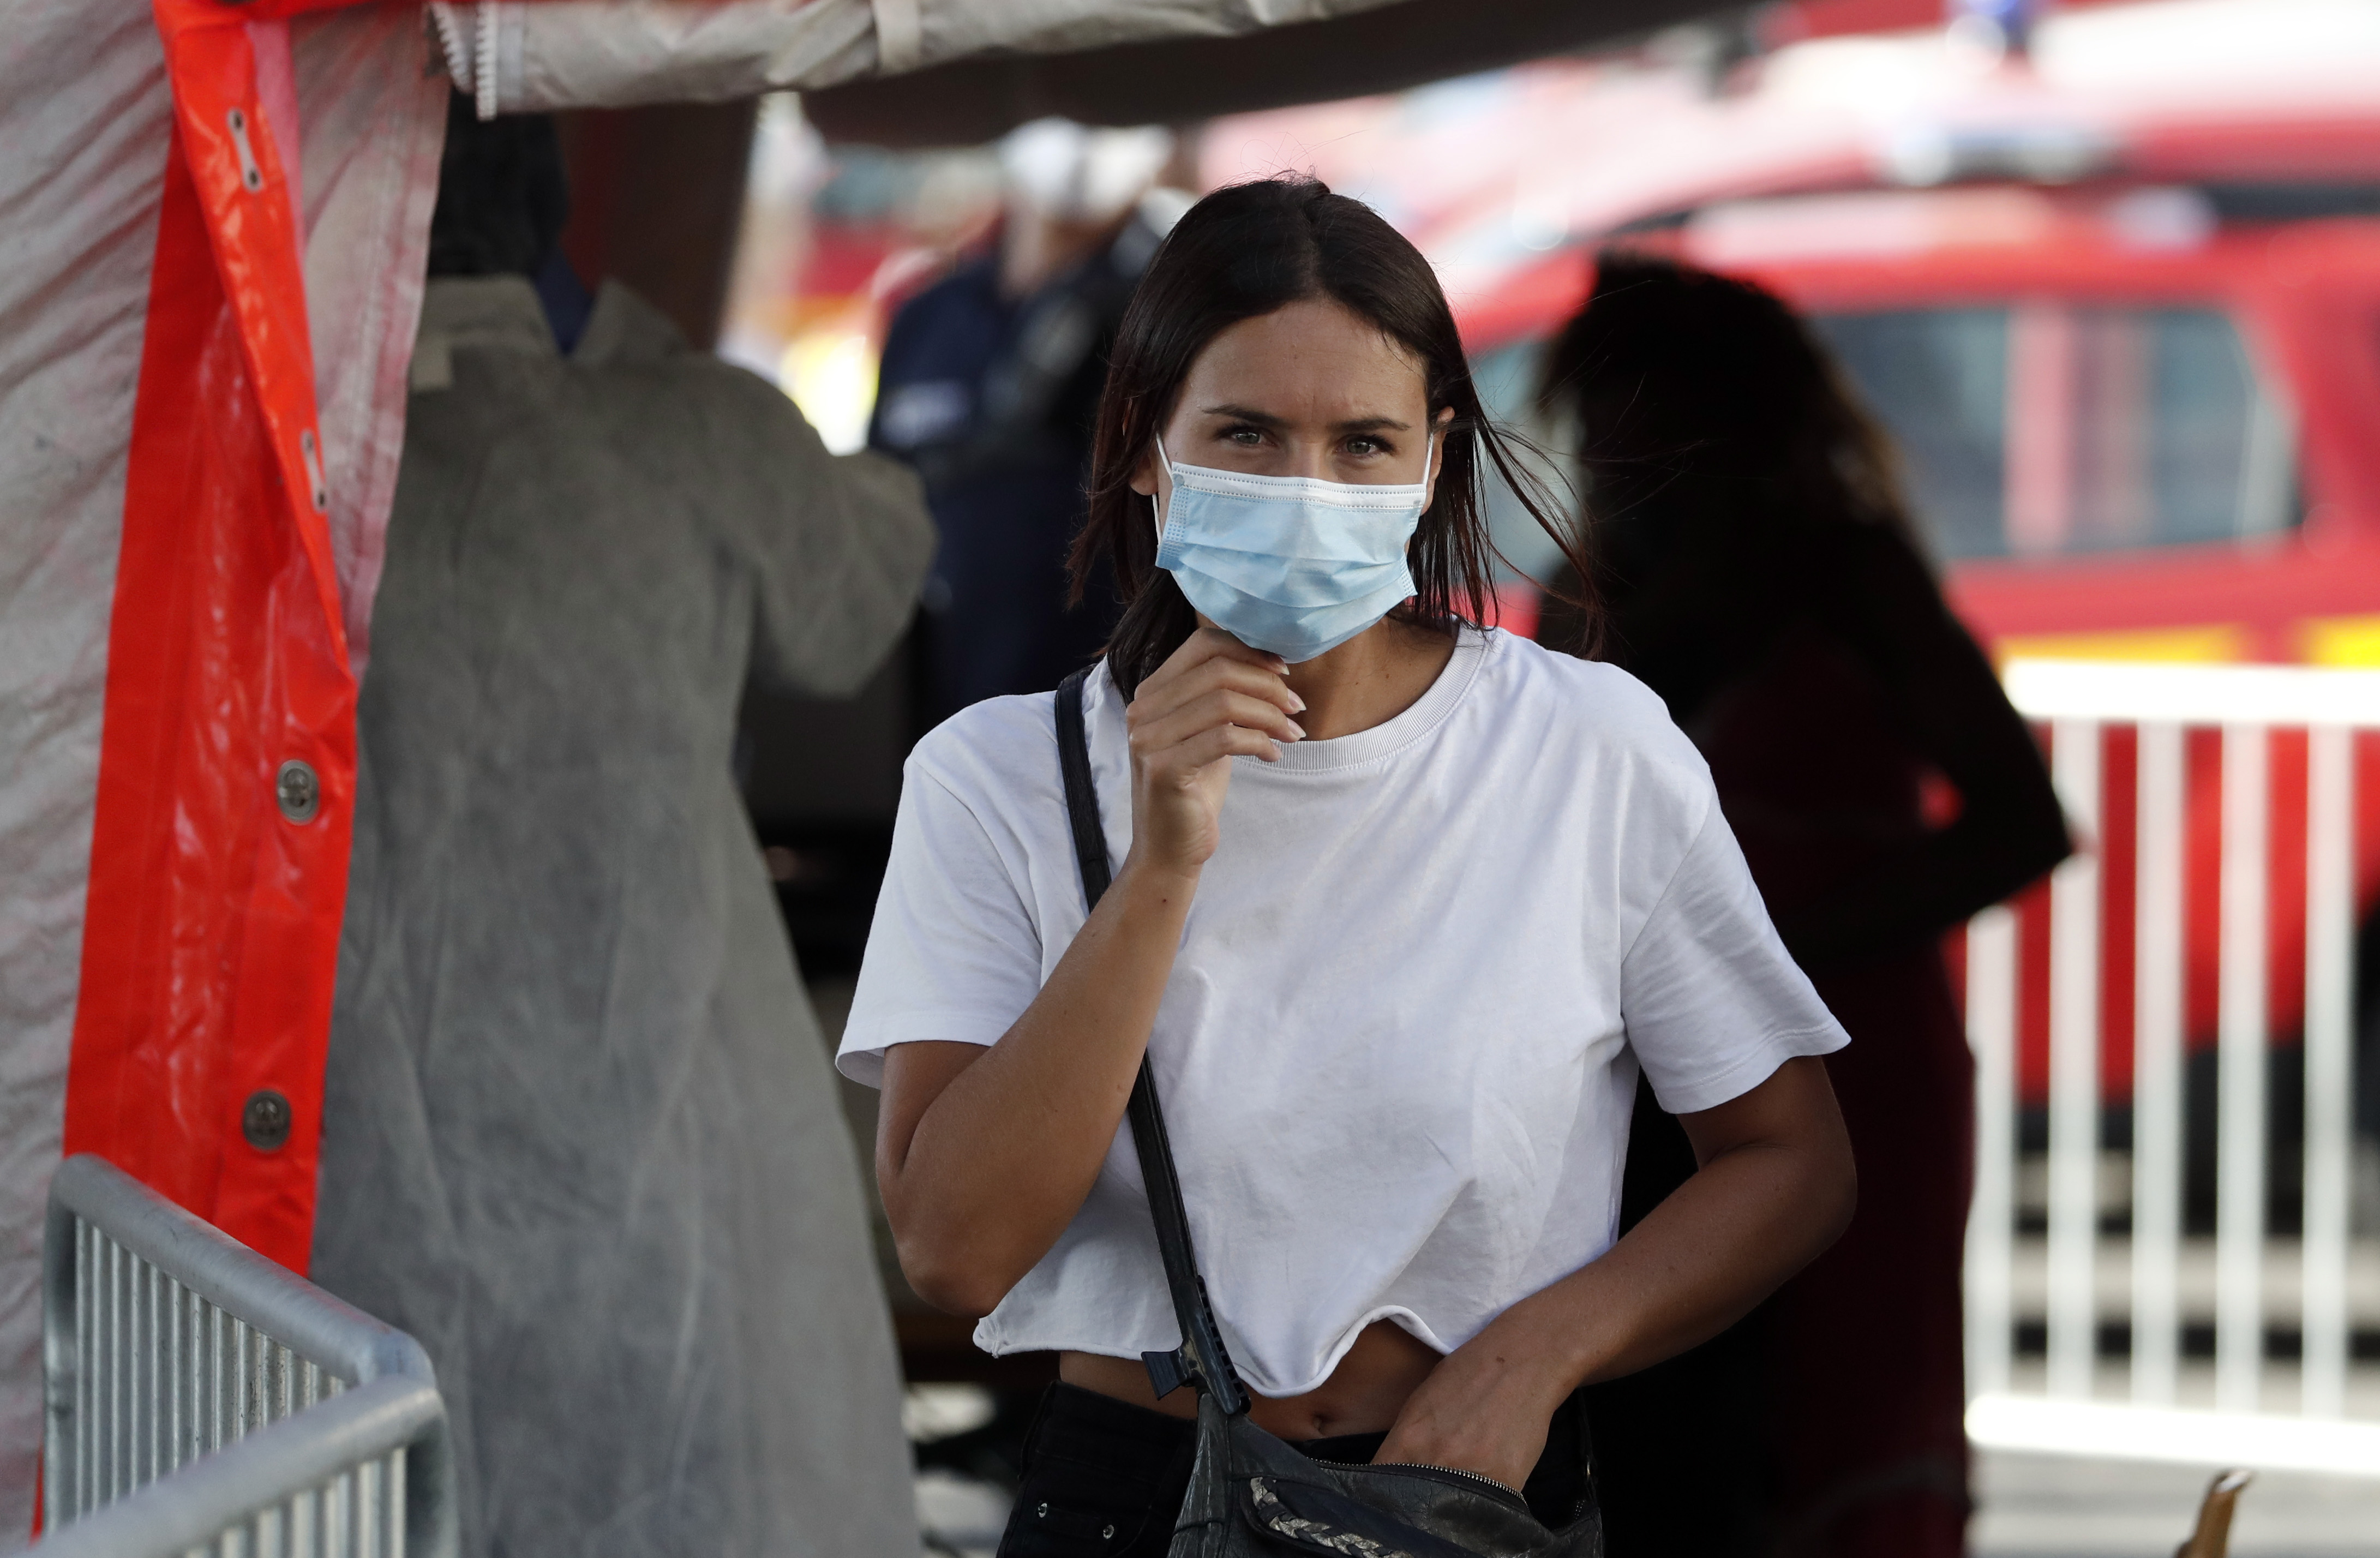 Fransa da iş yerlerinde maske takma zorunluluğu getirildi #4